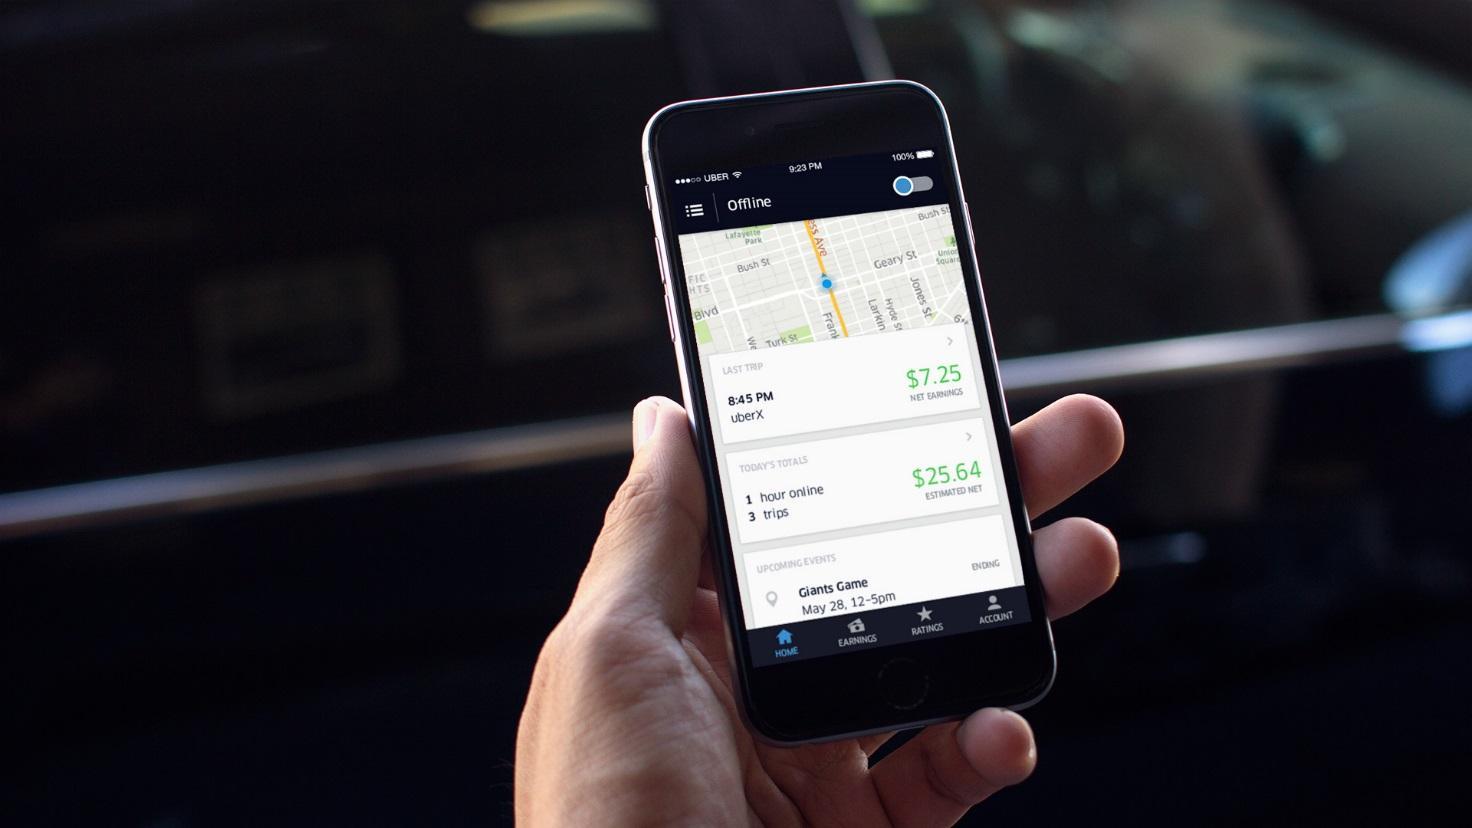 Картинки по запросу uber app